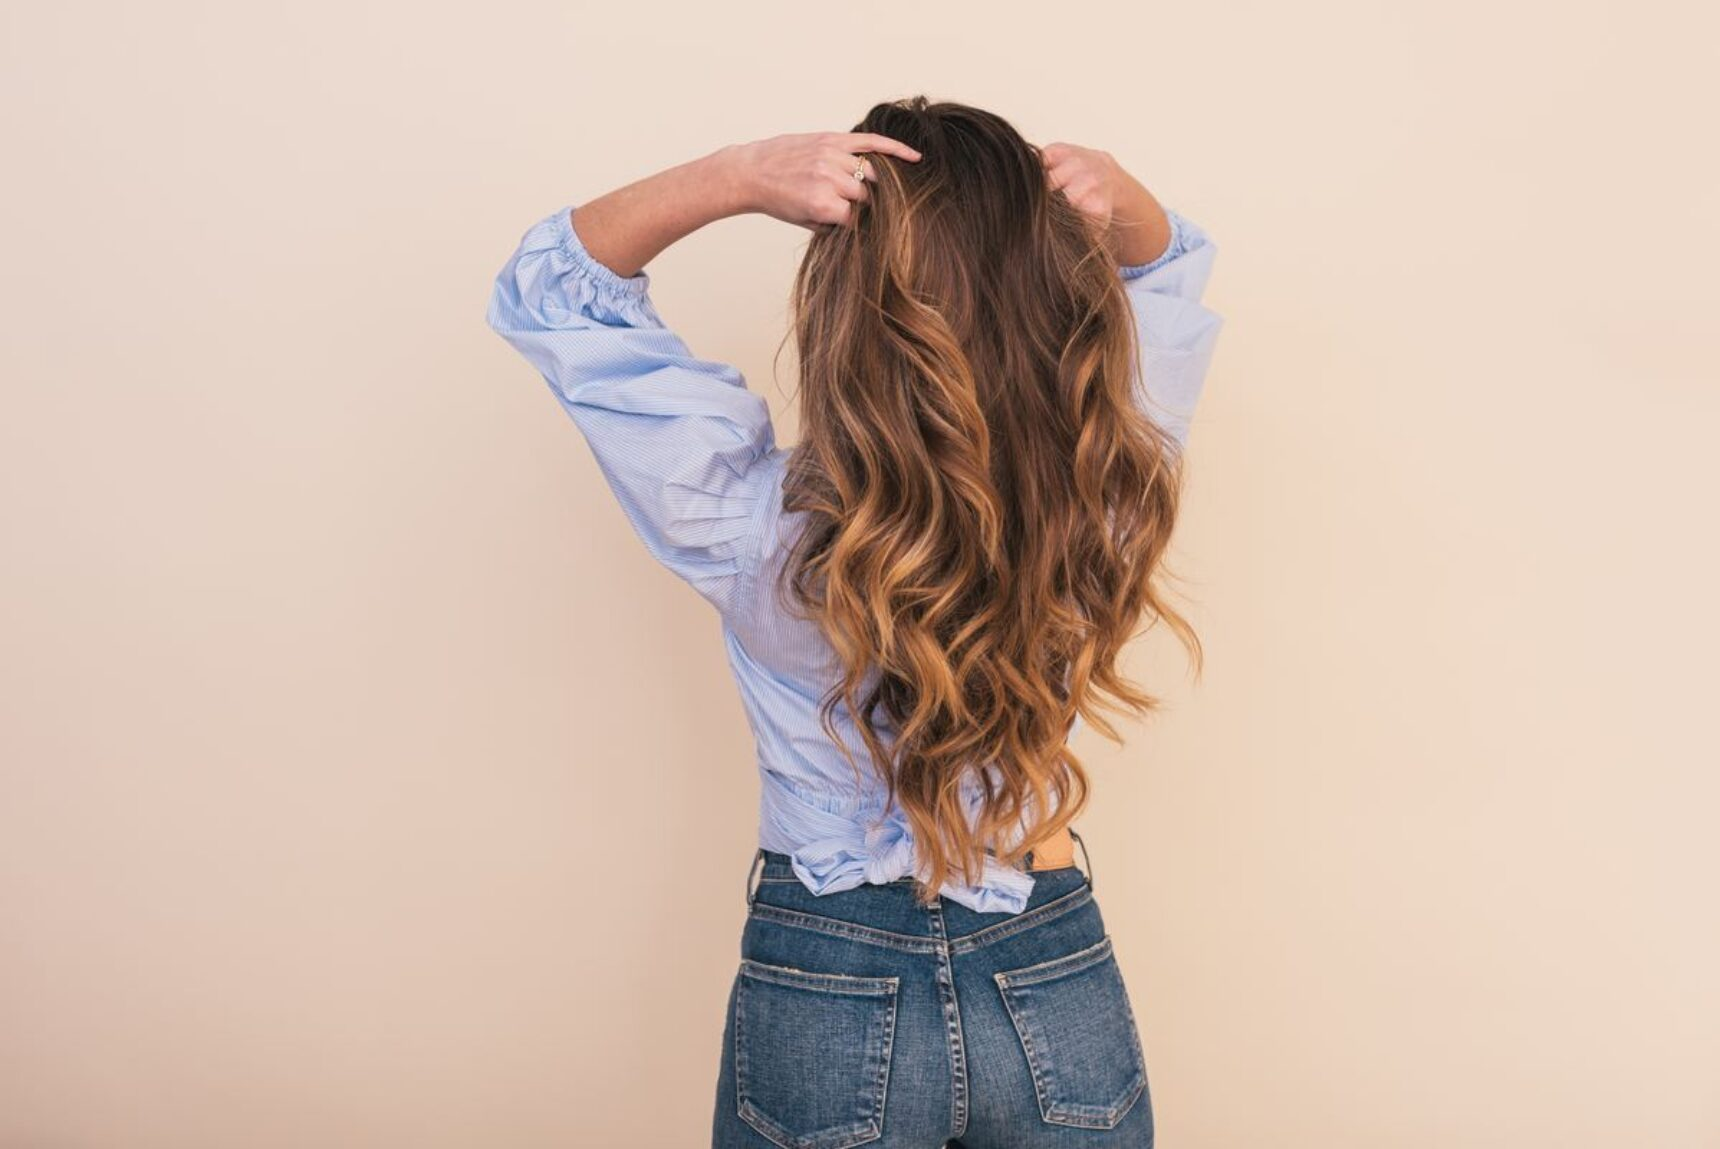 Jak szybko rosną włosy? Sprawdź, jeśli chcesz je zapuścić przed ślubem i zastanawiasz się jak!